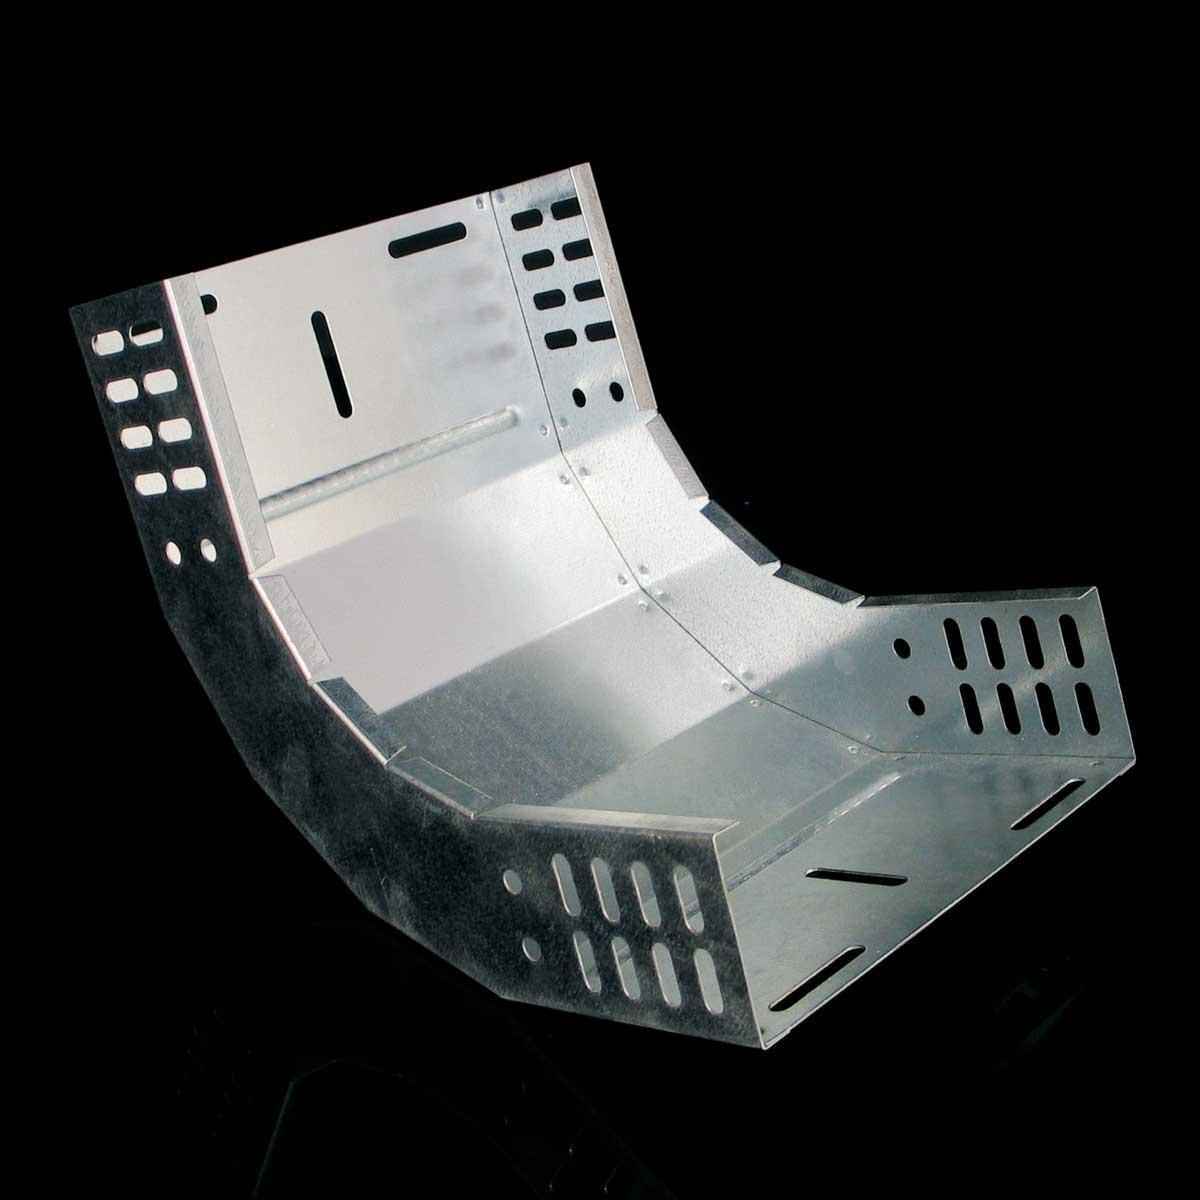 Поворот вертикальний внутрішній 90° JUPITER; розміри-35x400x220mm Товщ. метал-1 Вага-1,39кг/м